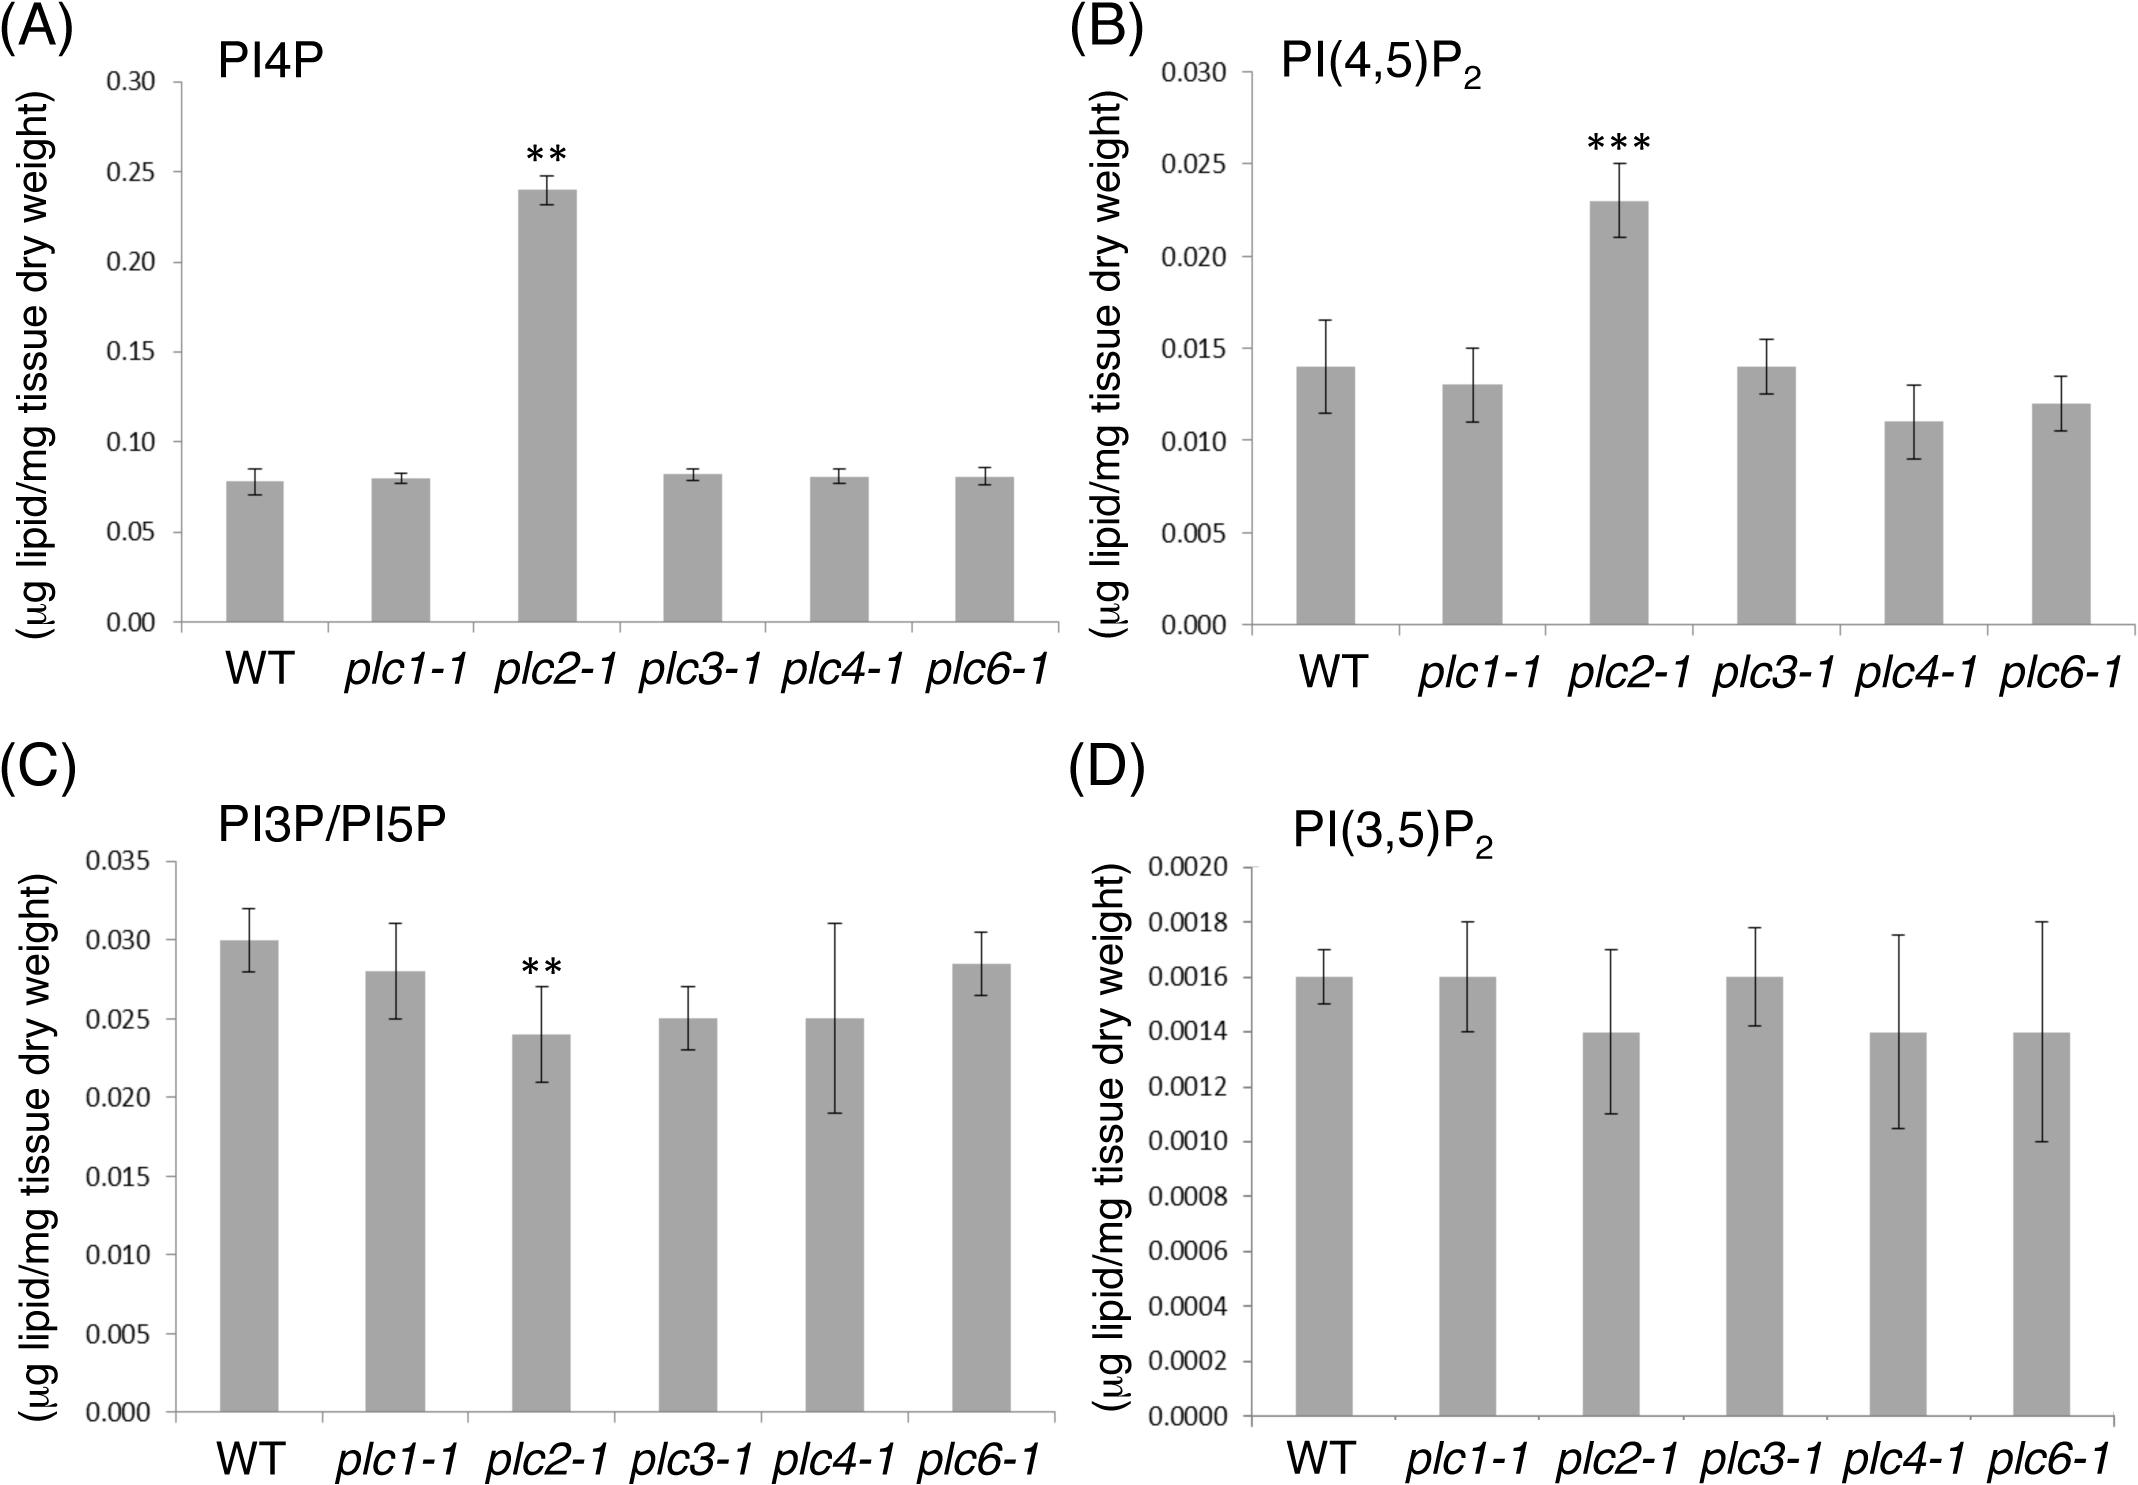 Lipidomic profiling of phosphoinositide levels in 14-day-old seedlings of the <i>plc1-1</i>, <i>plc2-1</i>, <i>plc3-1</i>, <i>plc4-1</i>, <i>plc6-1</i> mutants compared with the wild type (WT).